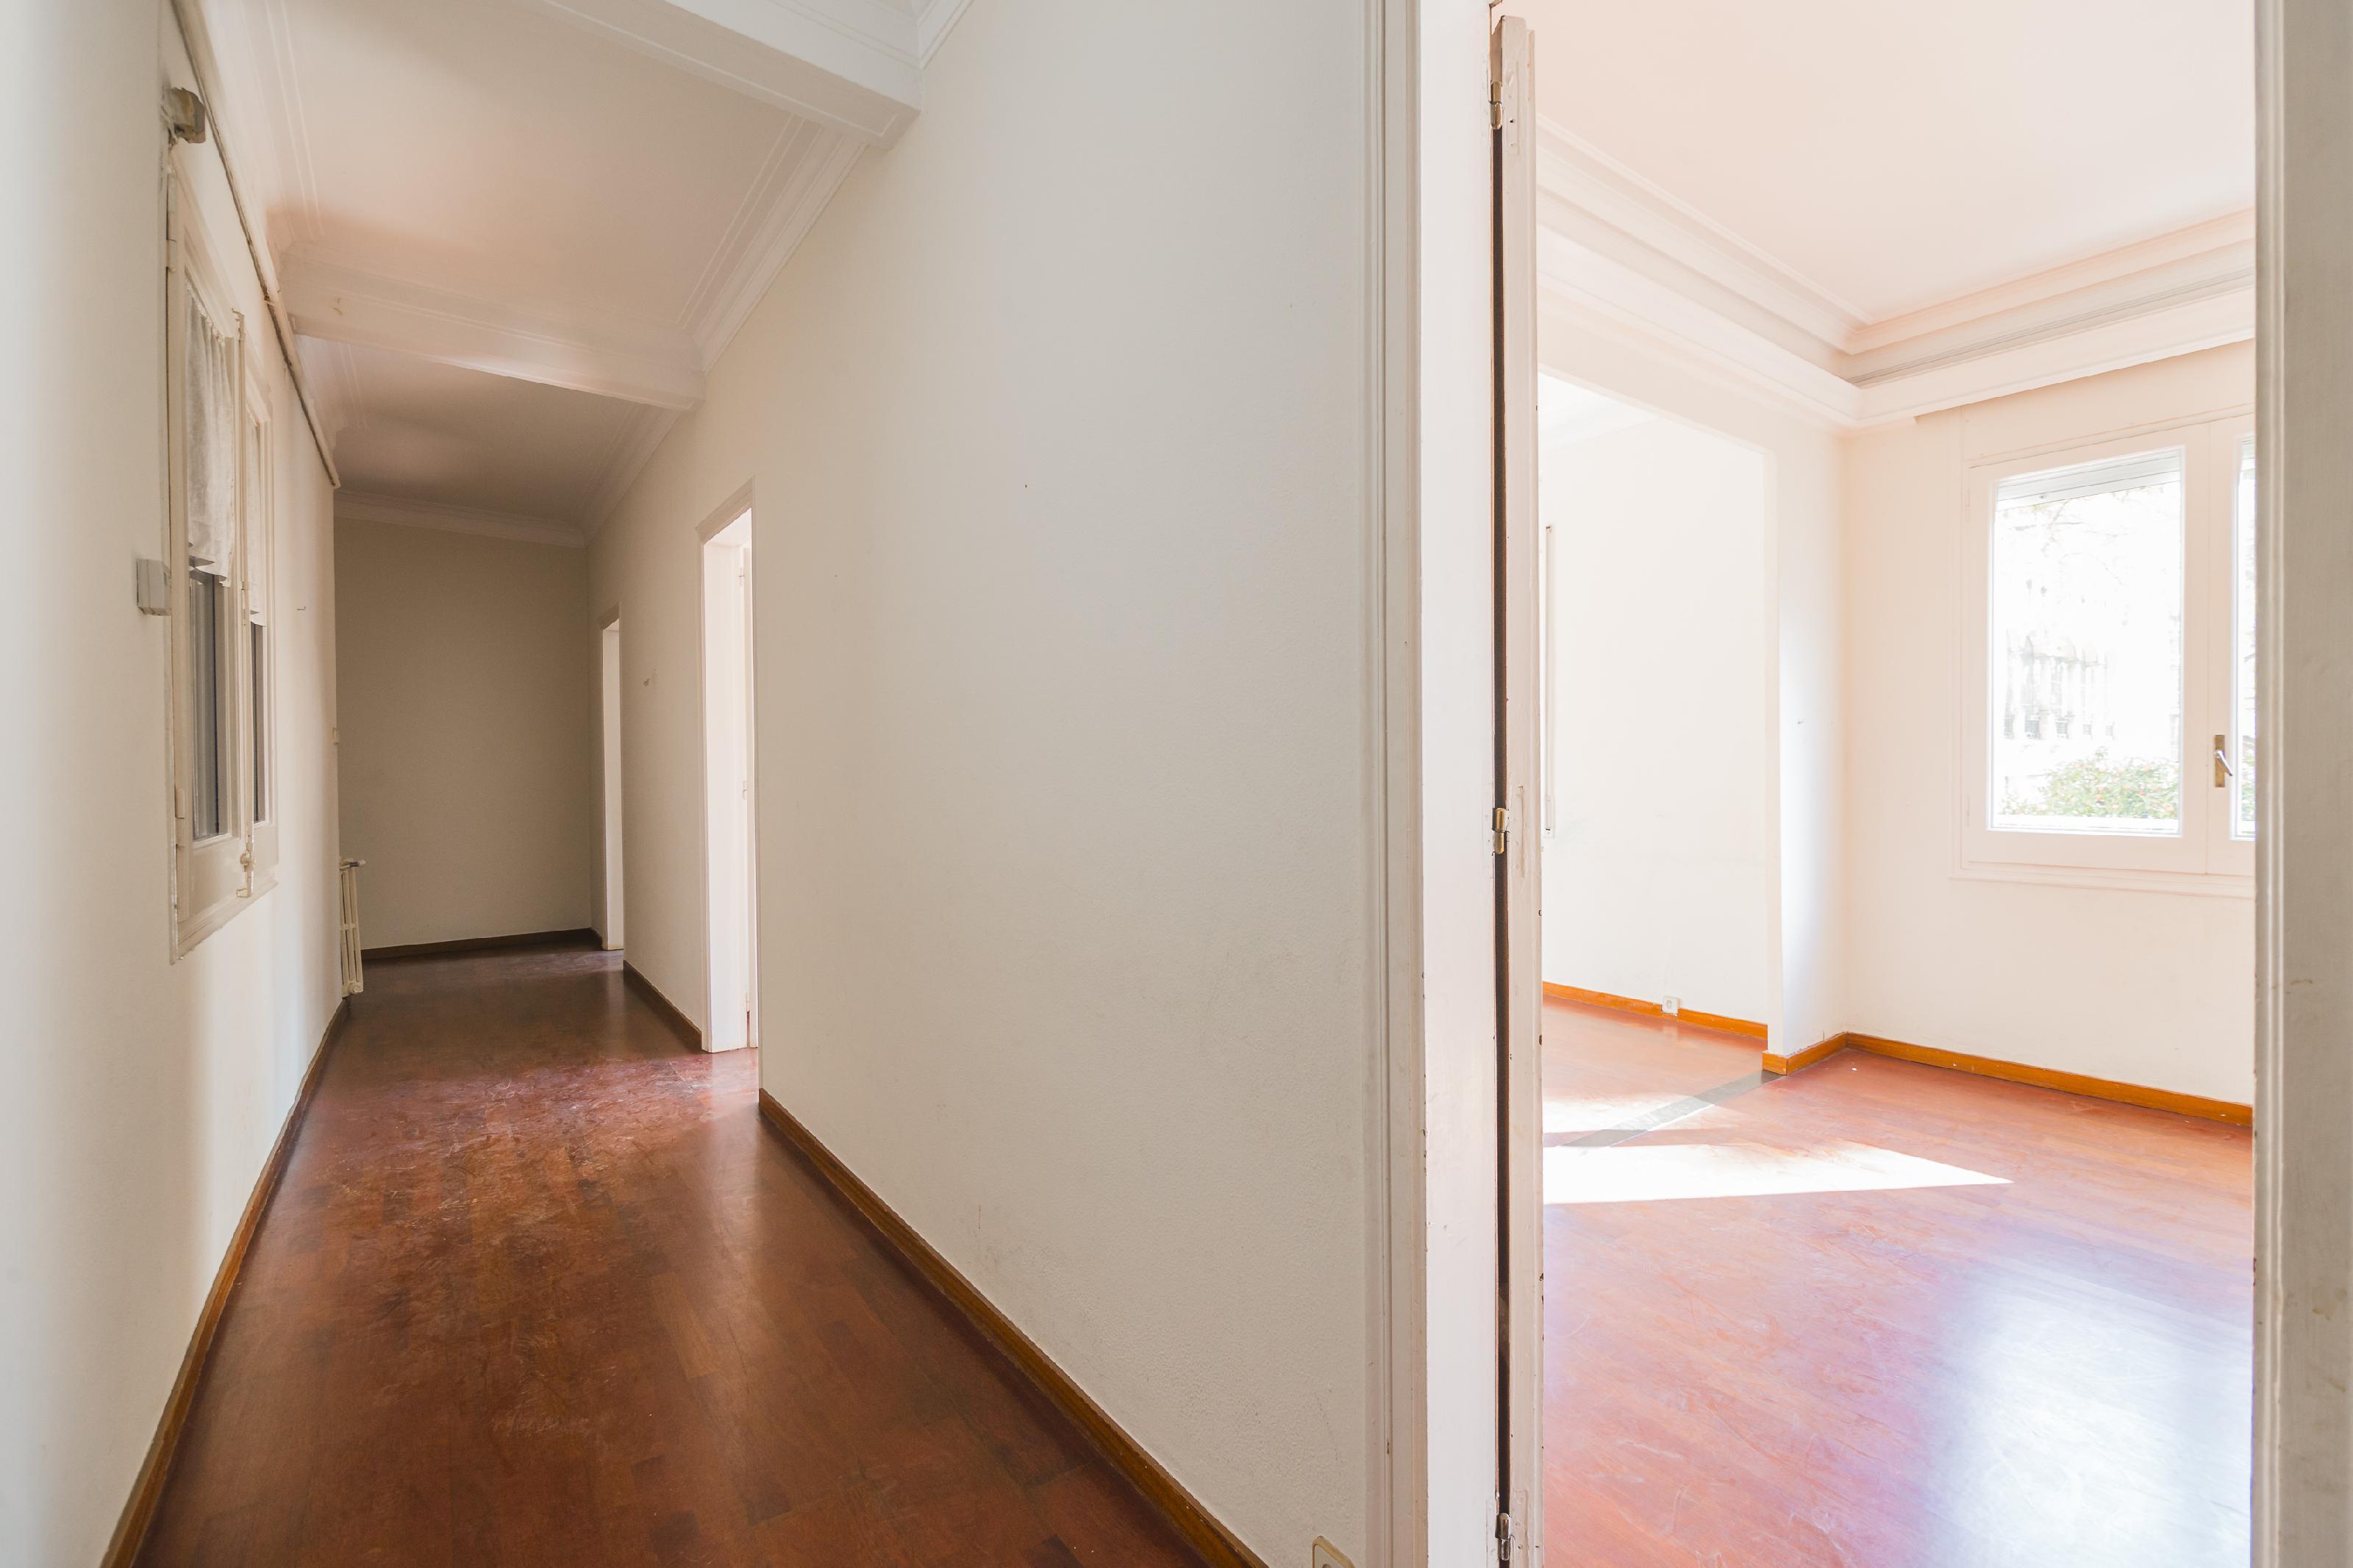 246347 Flat for sale in Sarrià-Sant Gervasi, St. Gervasi-Bonanova 11